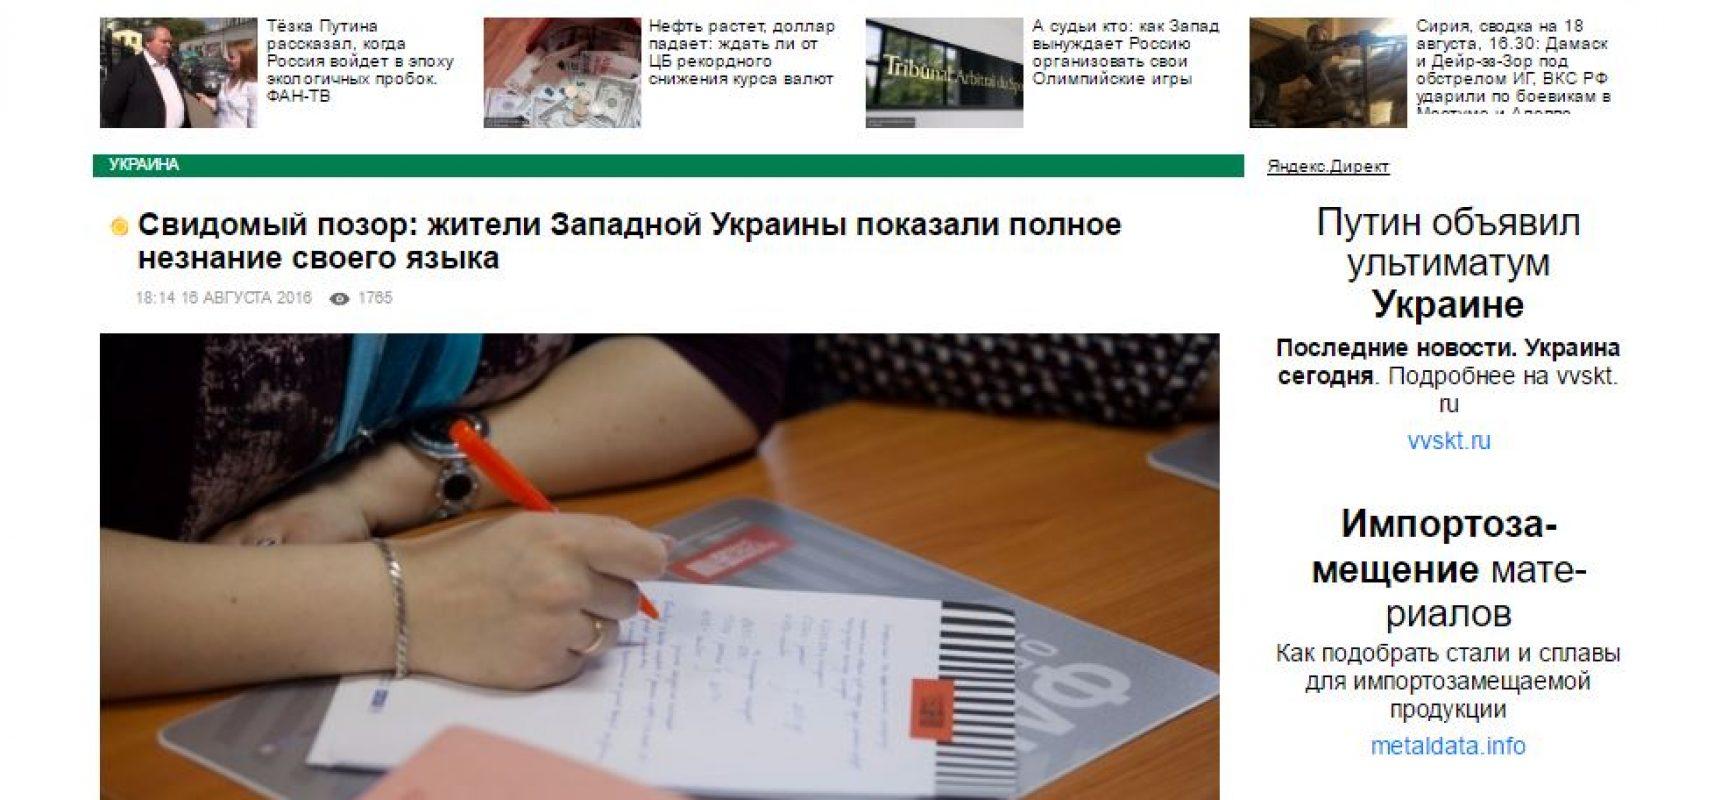 i residenti dell'Ucraina occidentale non conoscono la loro lingua